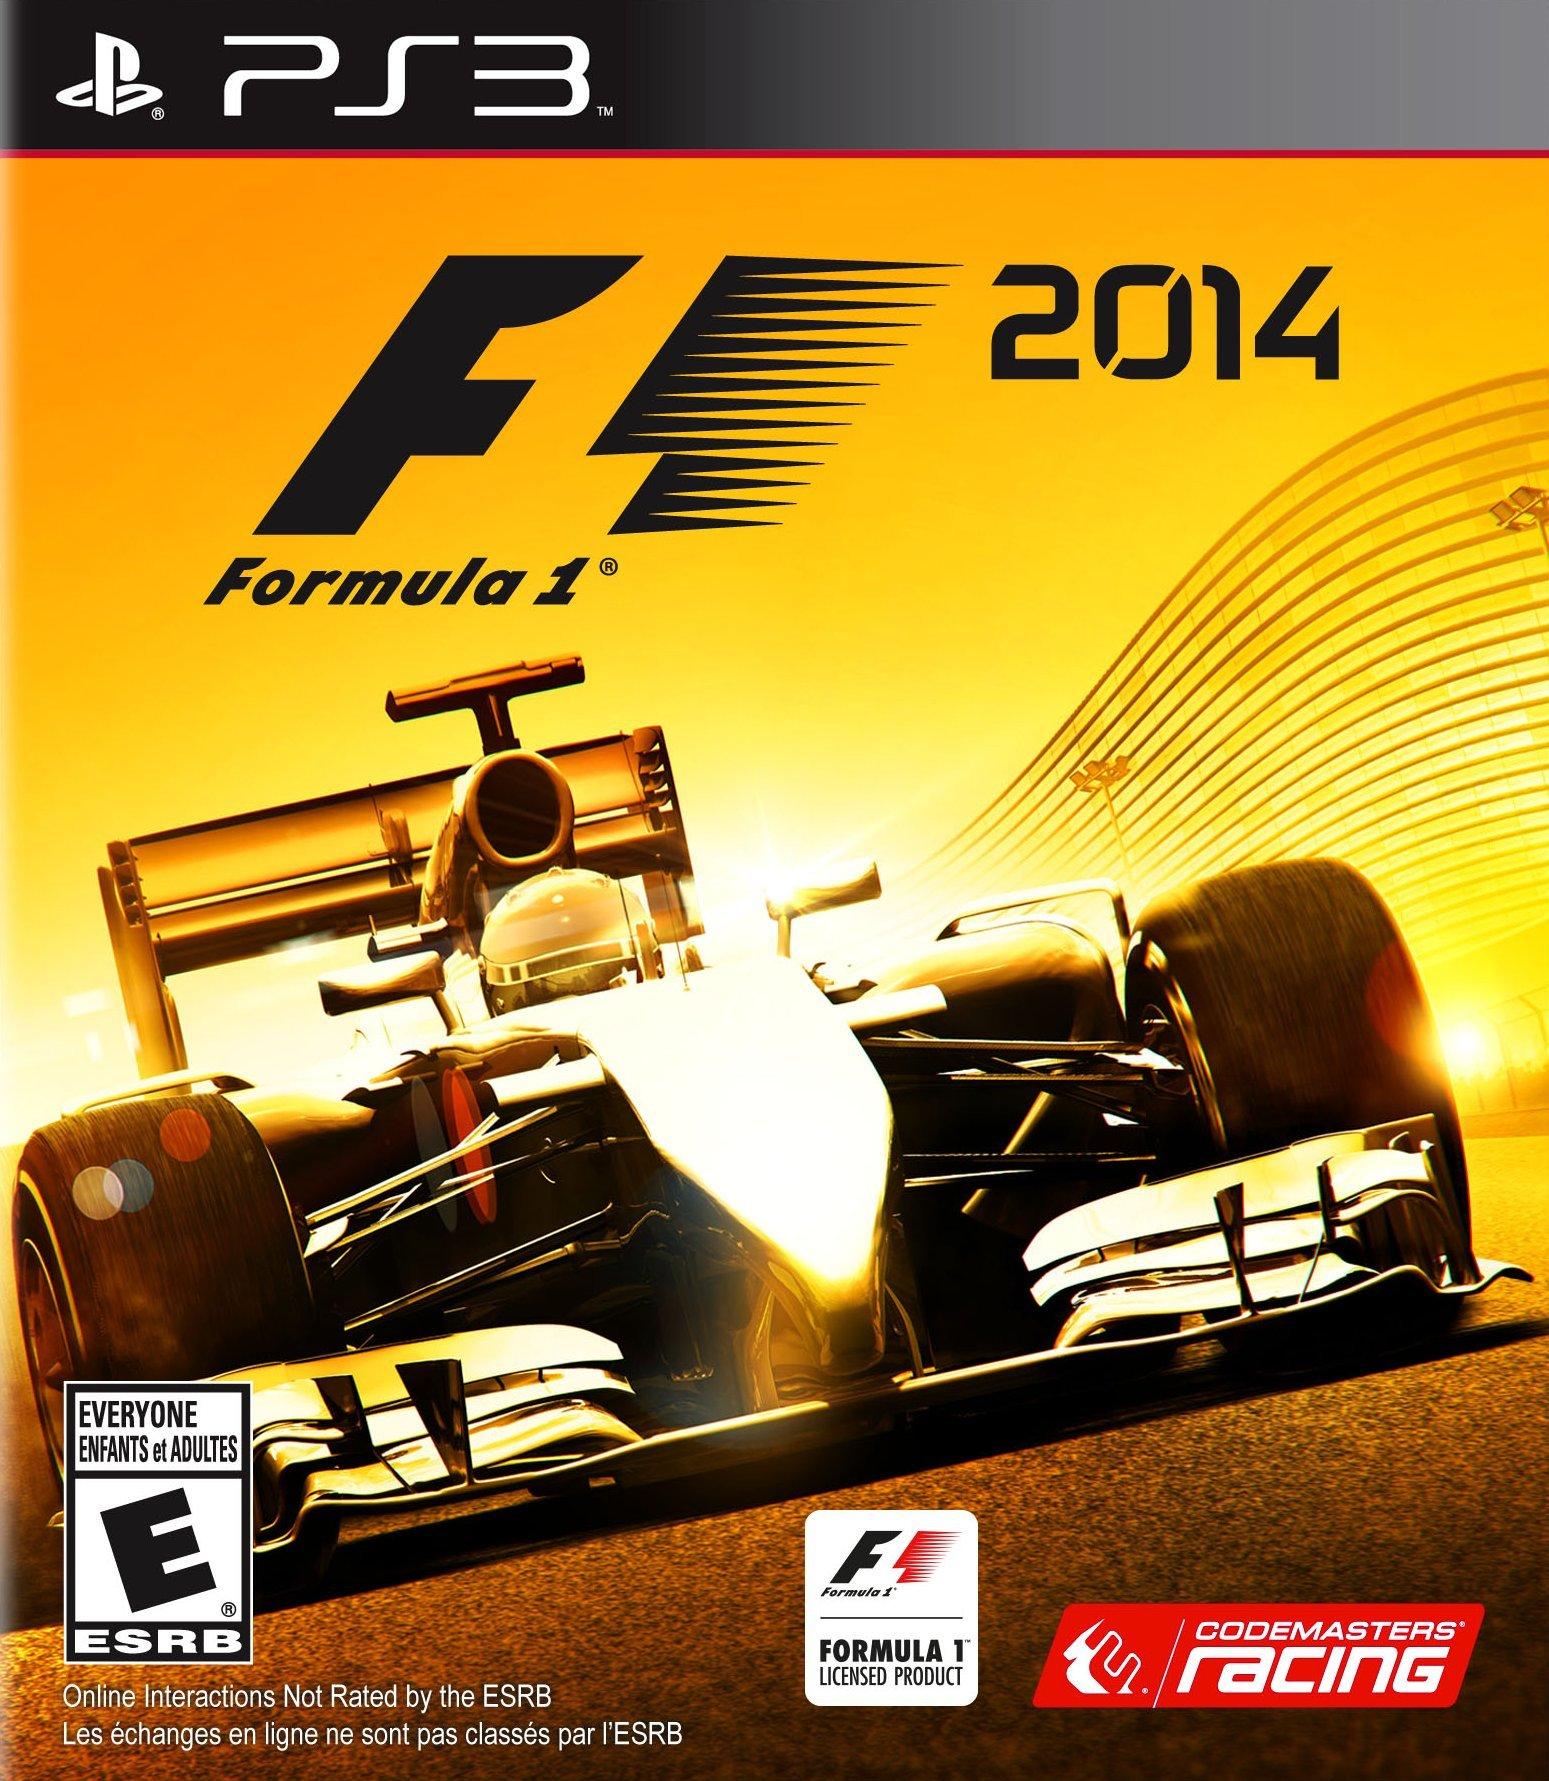 F1 2014 (Formula 1) - PlayStation 3